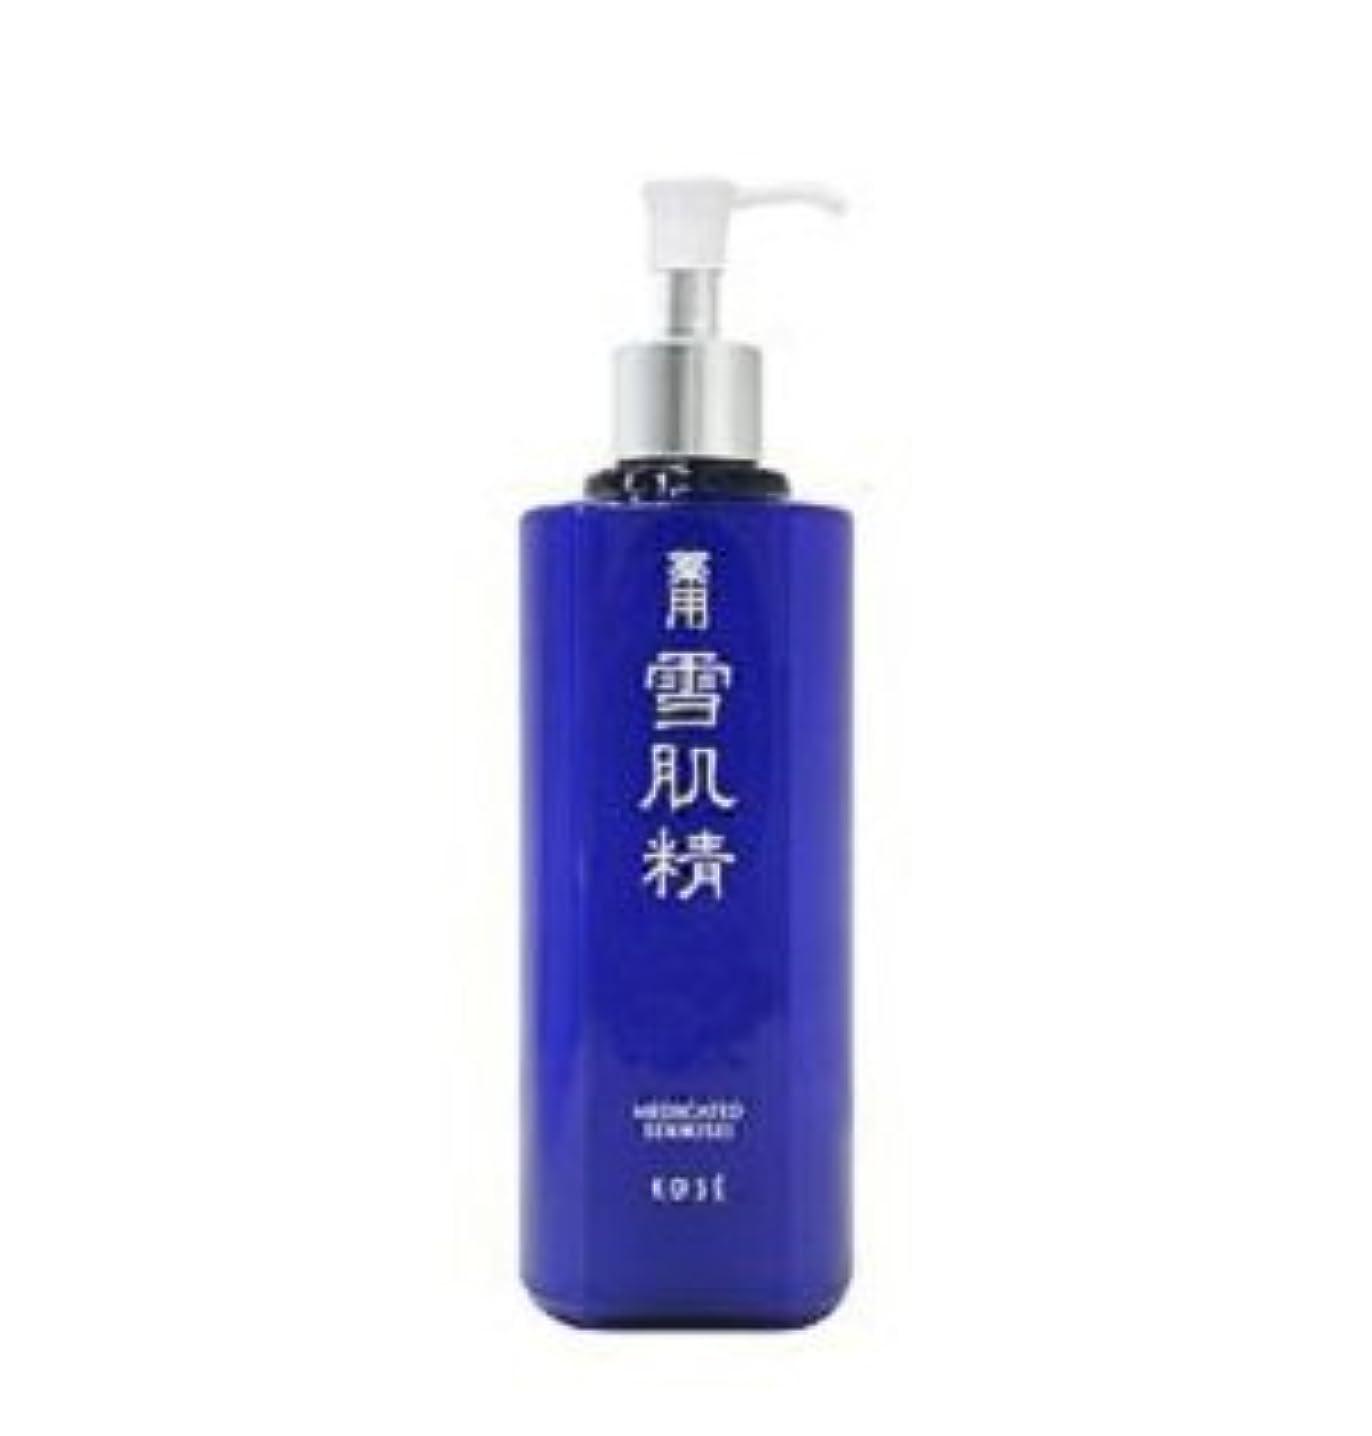 シャトル媒染剤居間コーセー 薬用 雪肌精 化粧水 500ml 限定発売 ラージ ボトル